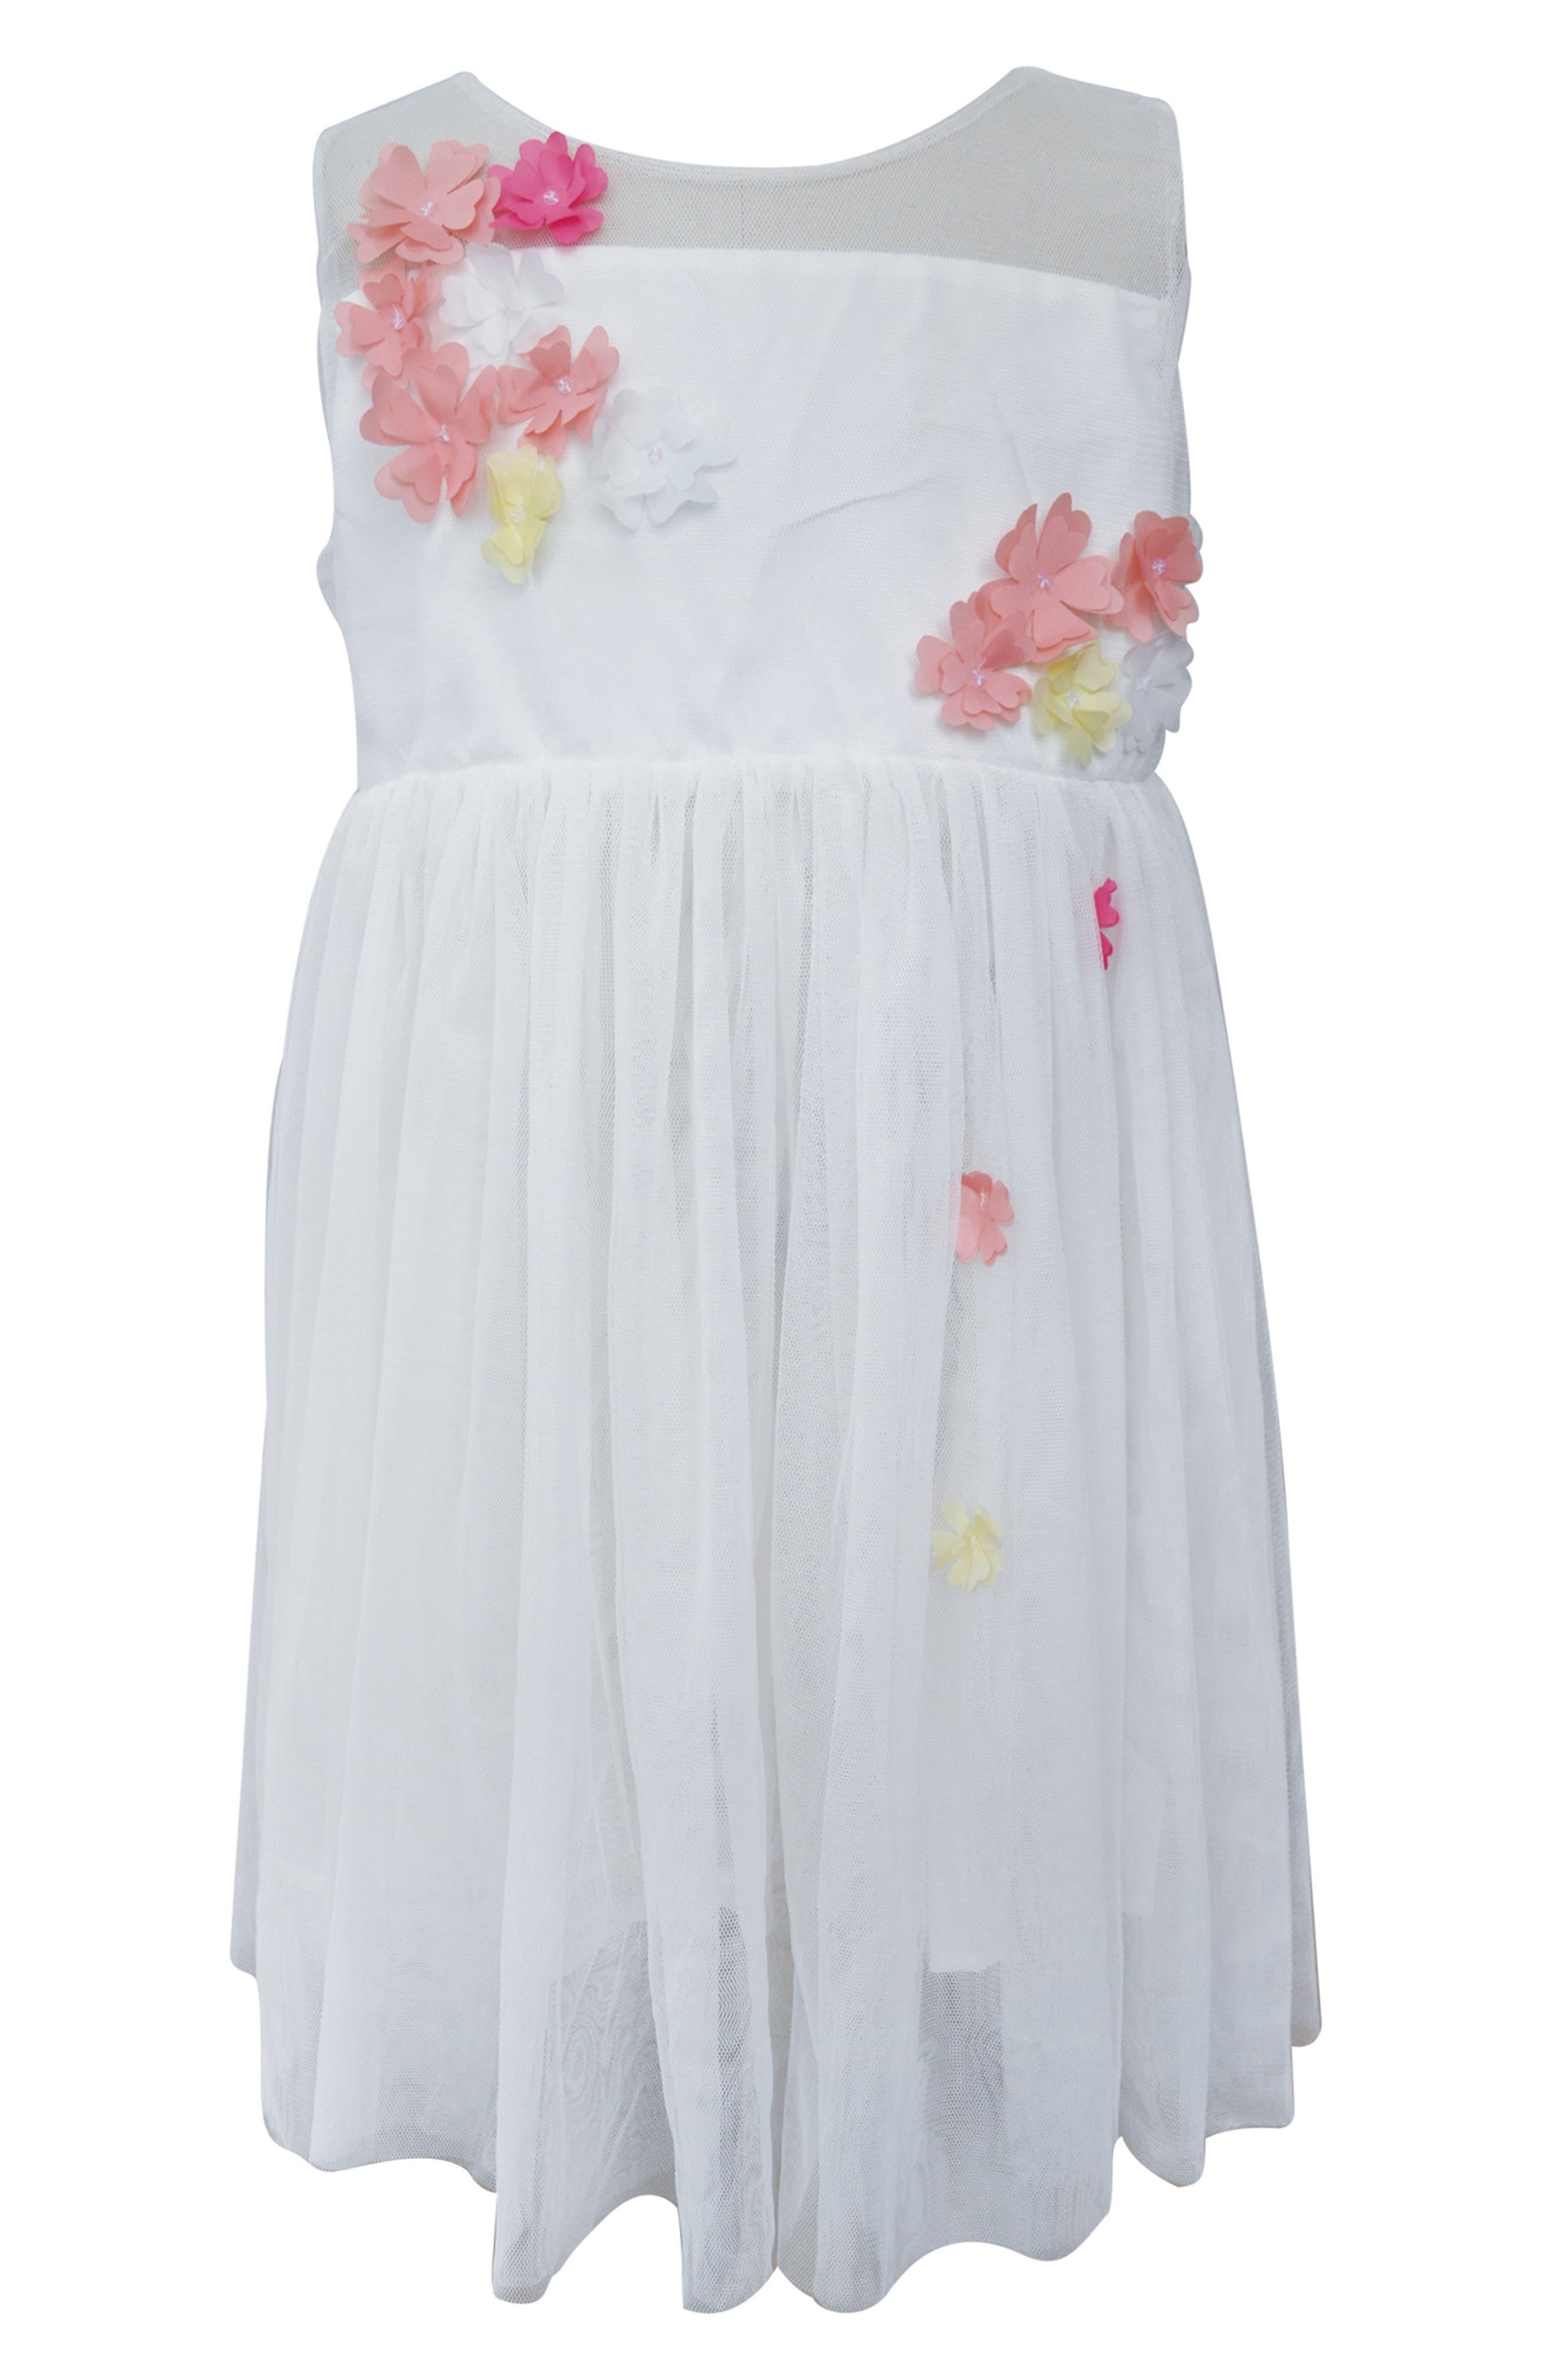 3b80ac1f2c5 Popatu Girls Dresses